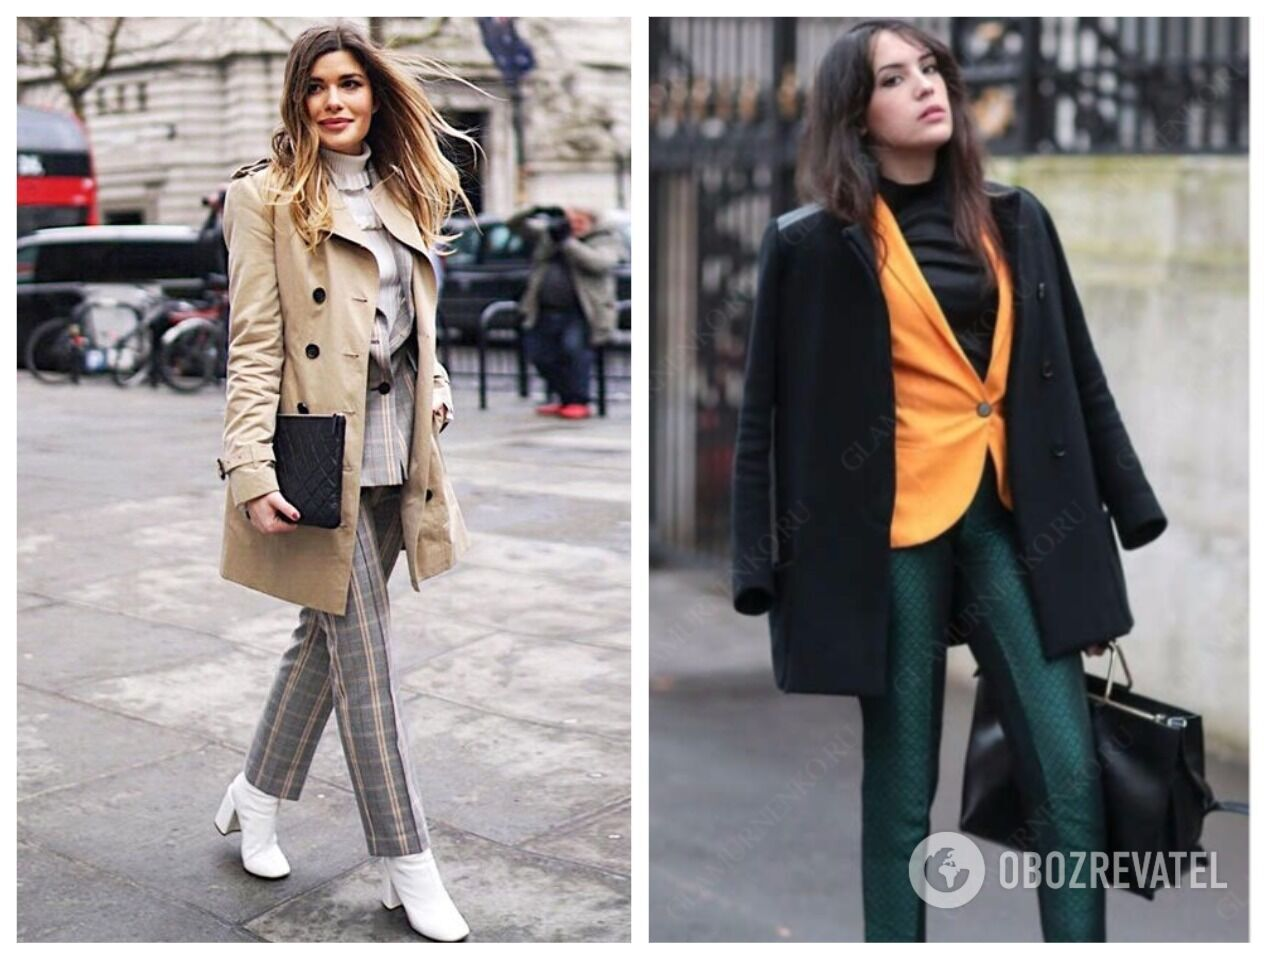 Слева вариант с тренчем неудачный. Правильно носить пиджак только с пальто, как на примере справа